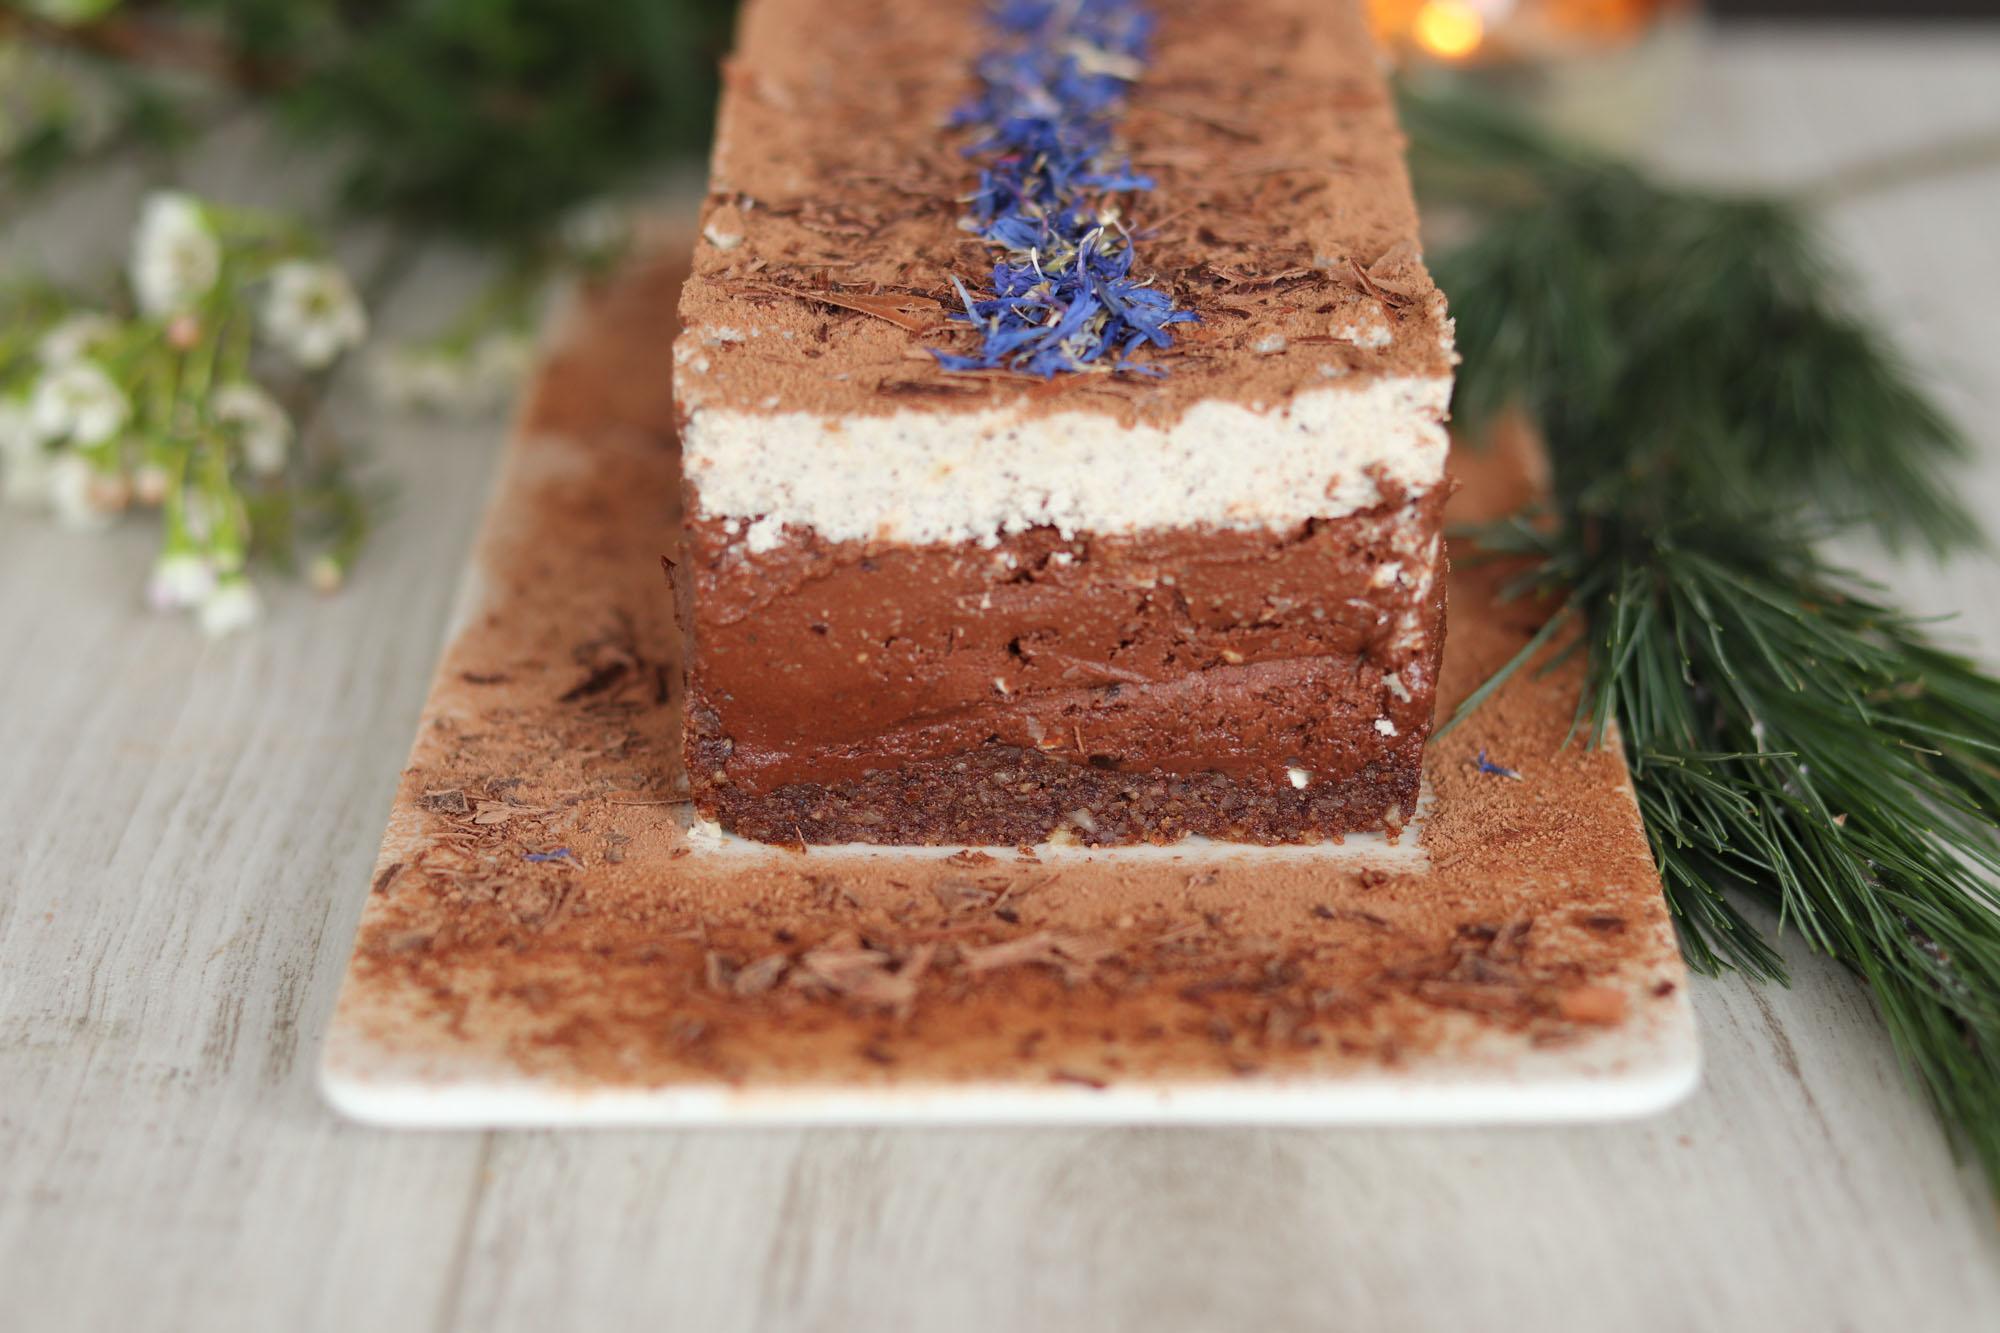 Buche-crue-chocolat-vegan-gluten-free